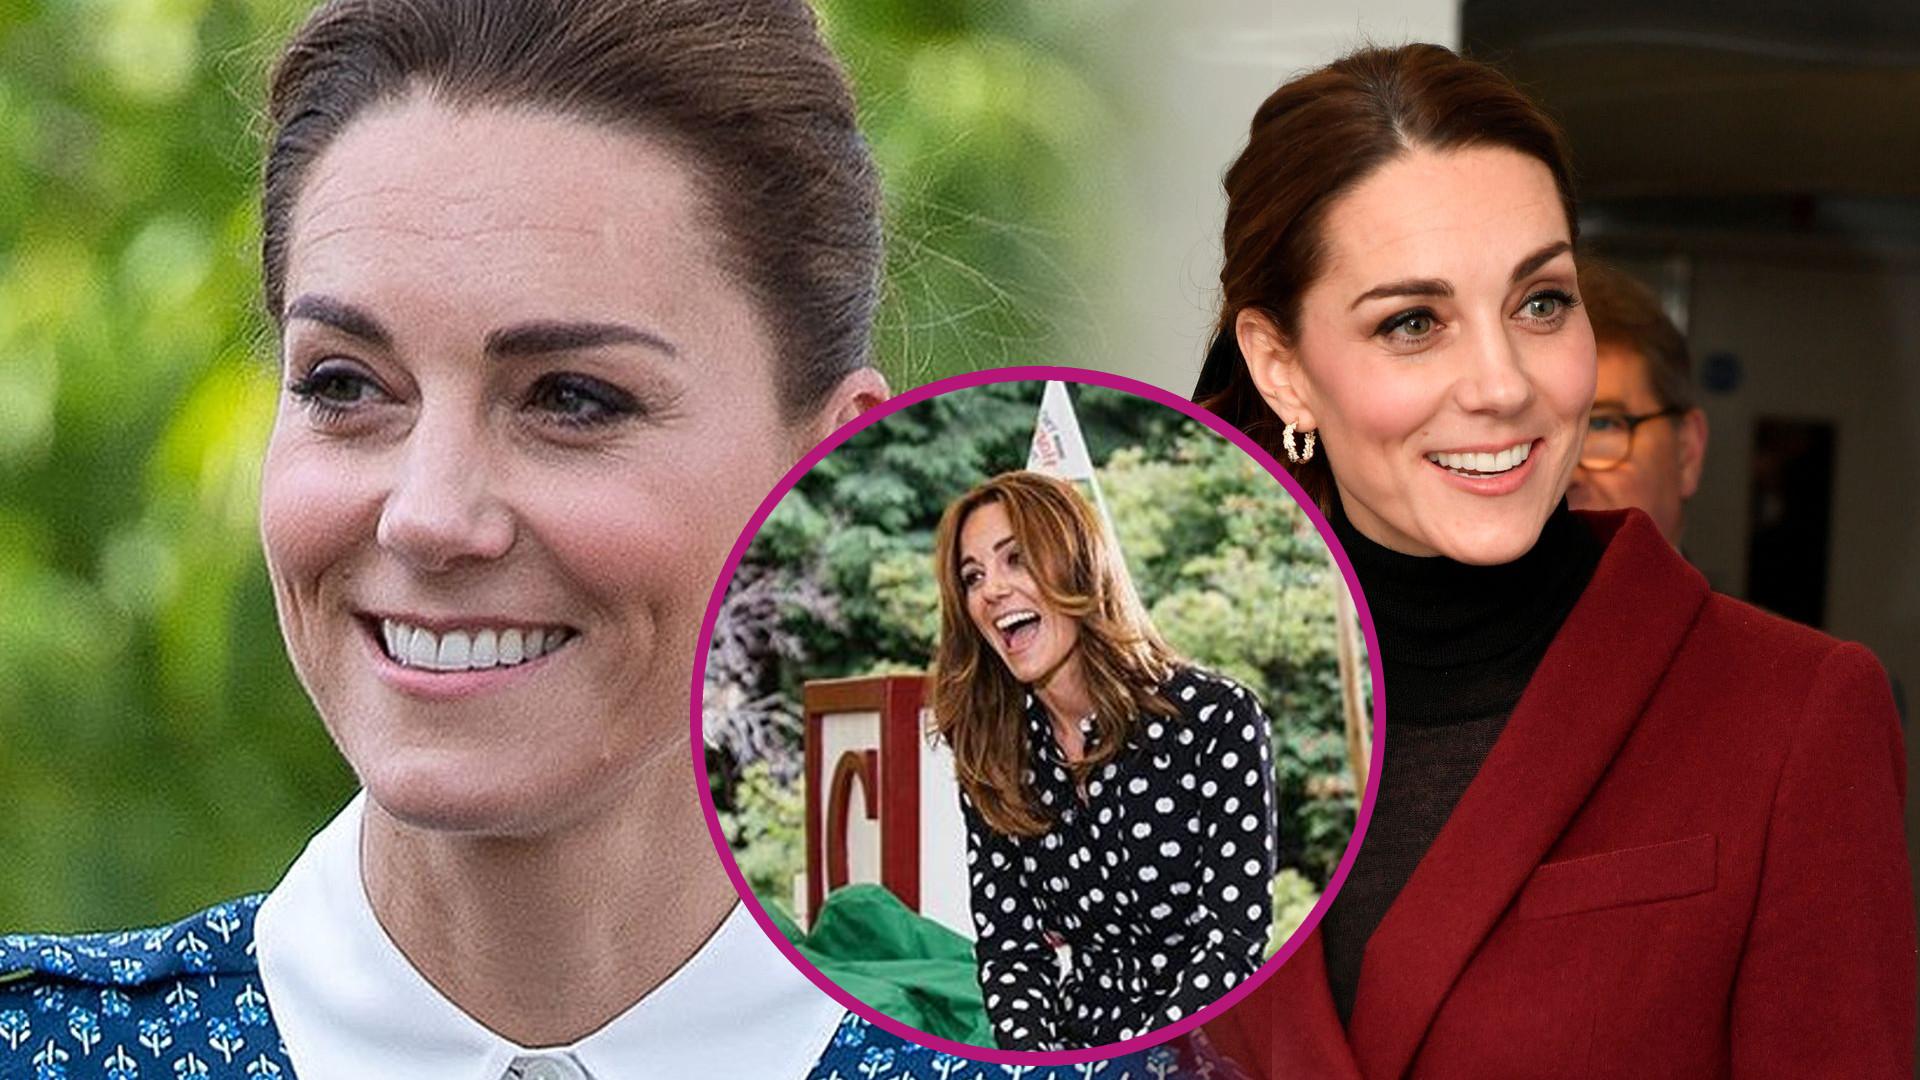 Księżna Kate wzięła sobie do serca RADY internautów. Tym razem pokazała się w letniej stylizacji na czasie